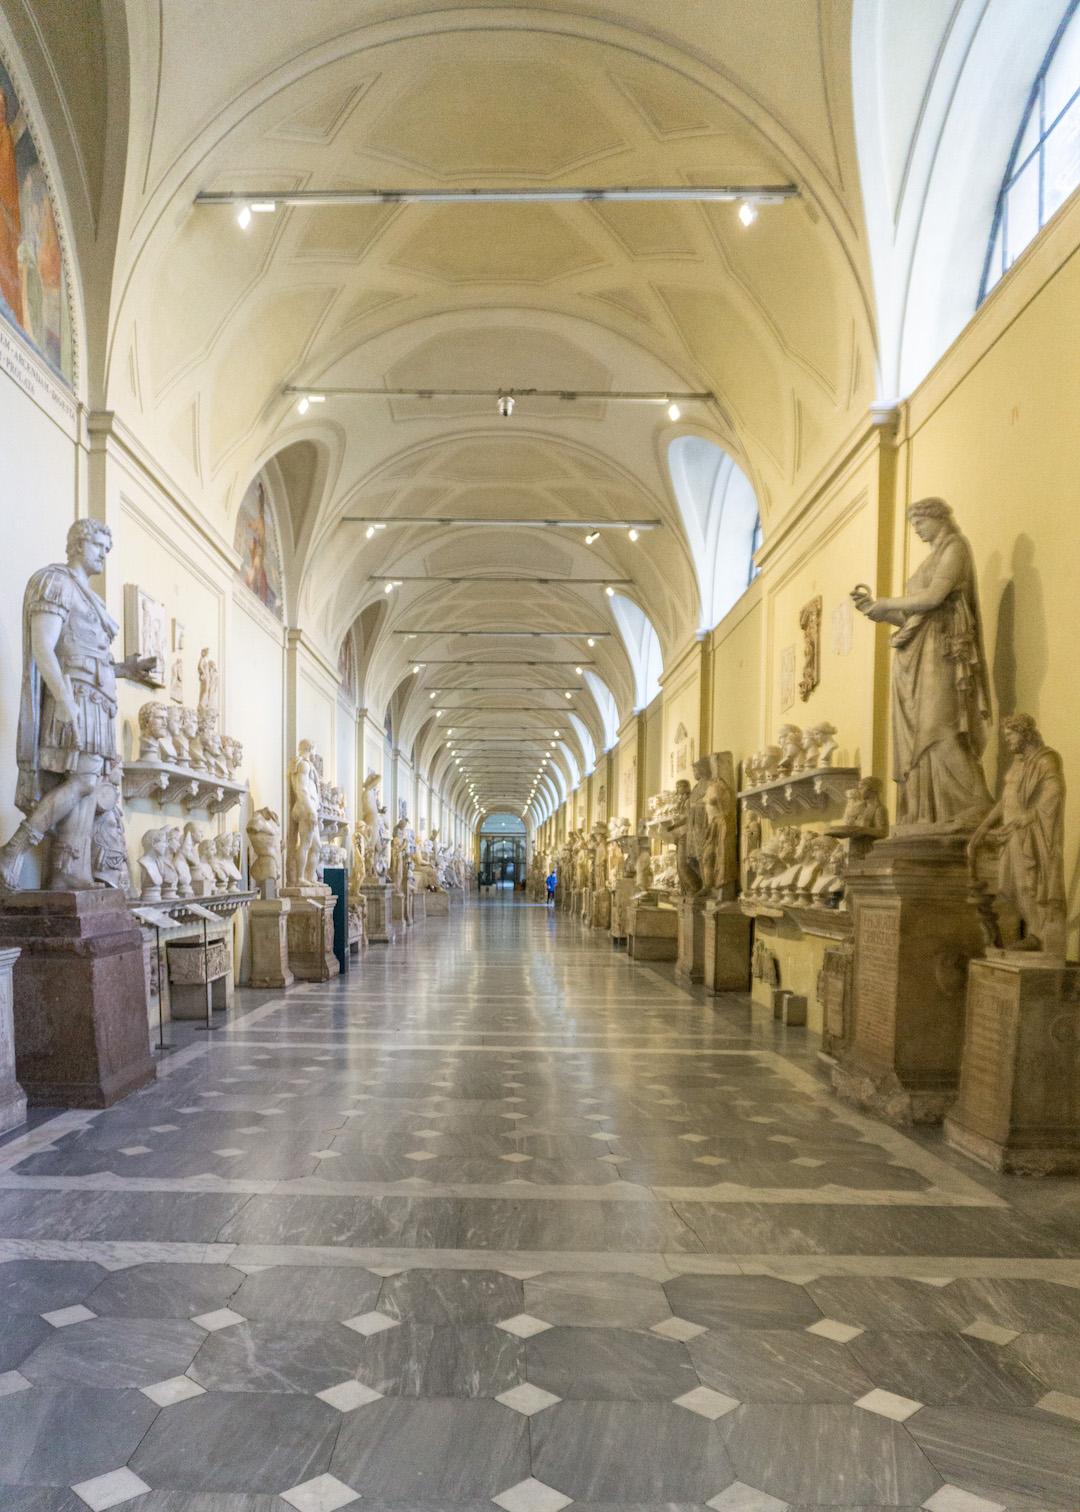 Her_Travel_Edit_Rome_Vatican_Corridor